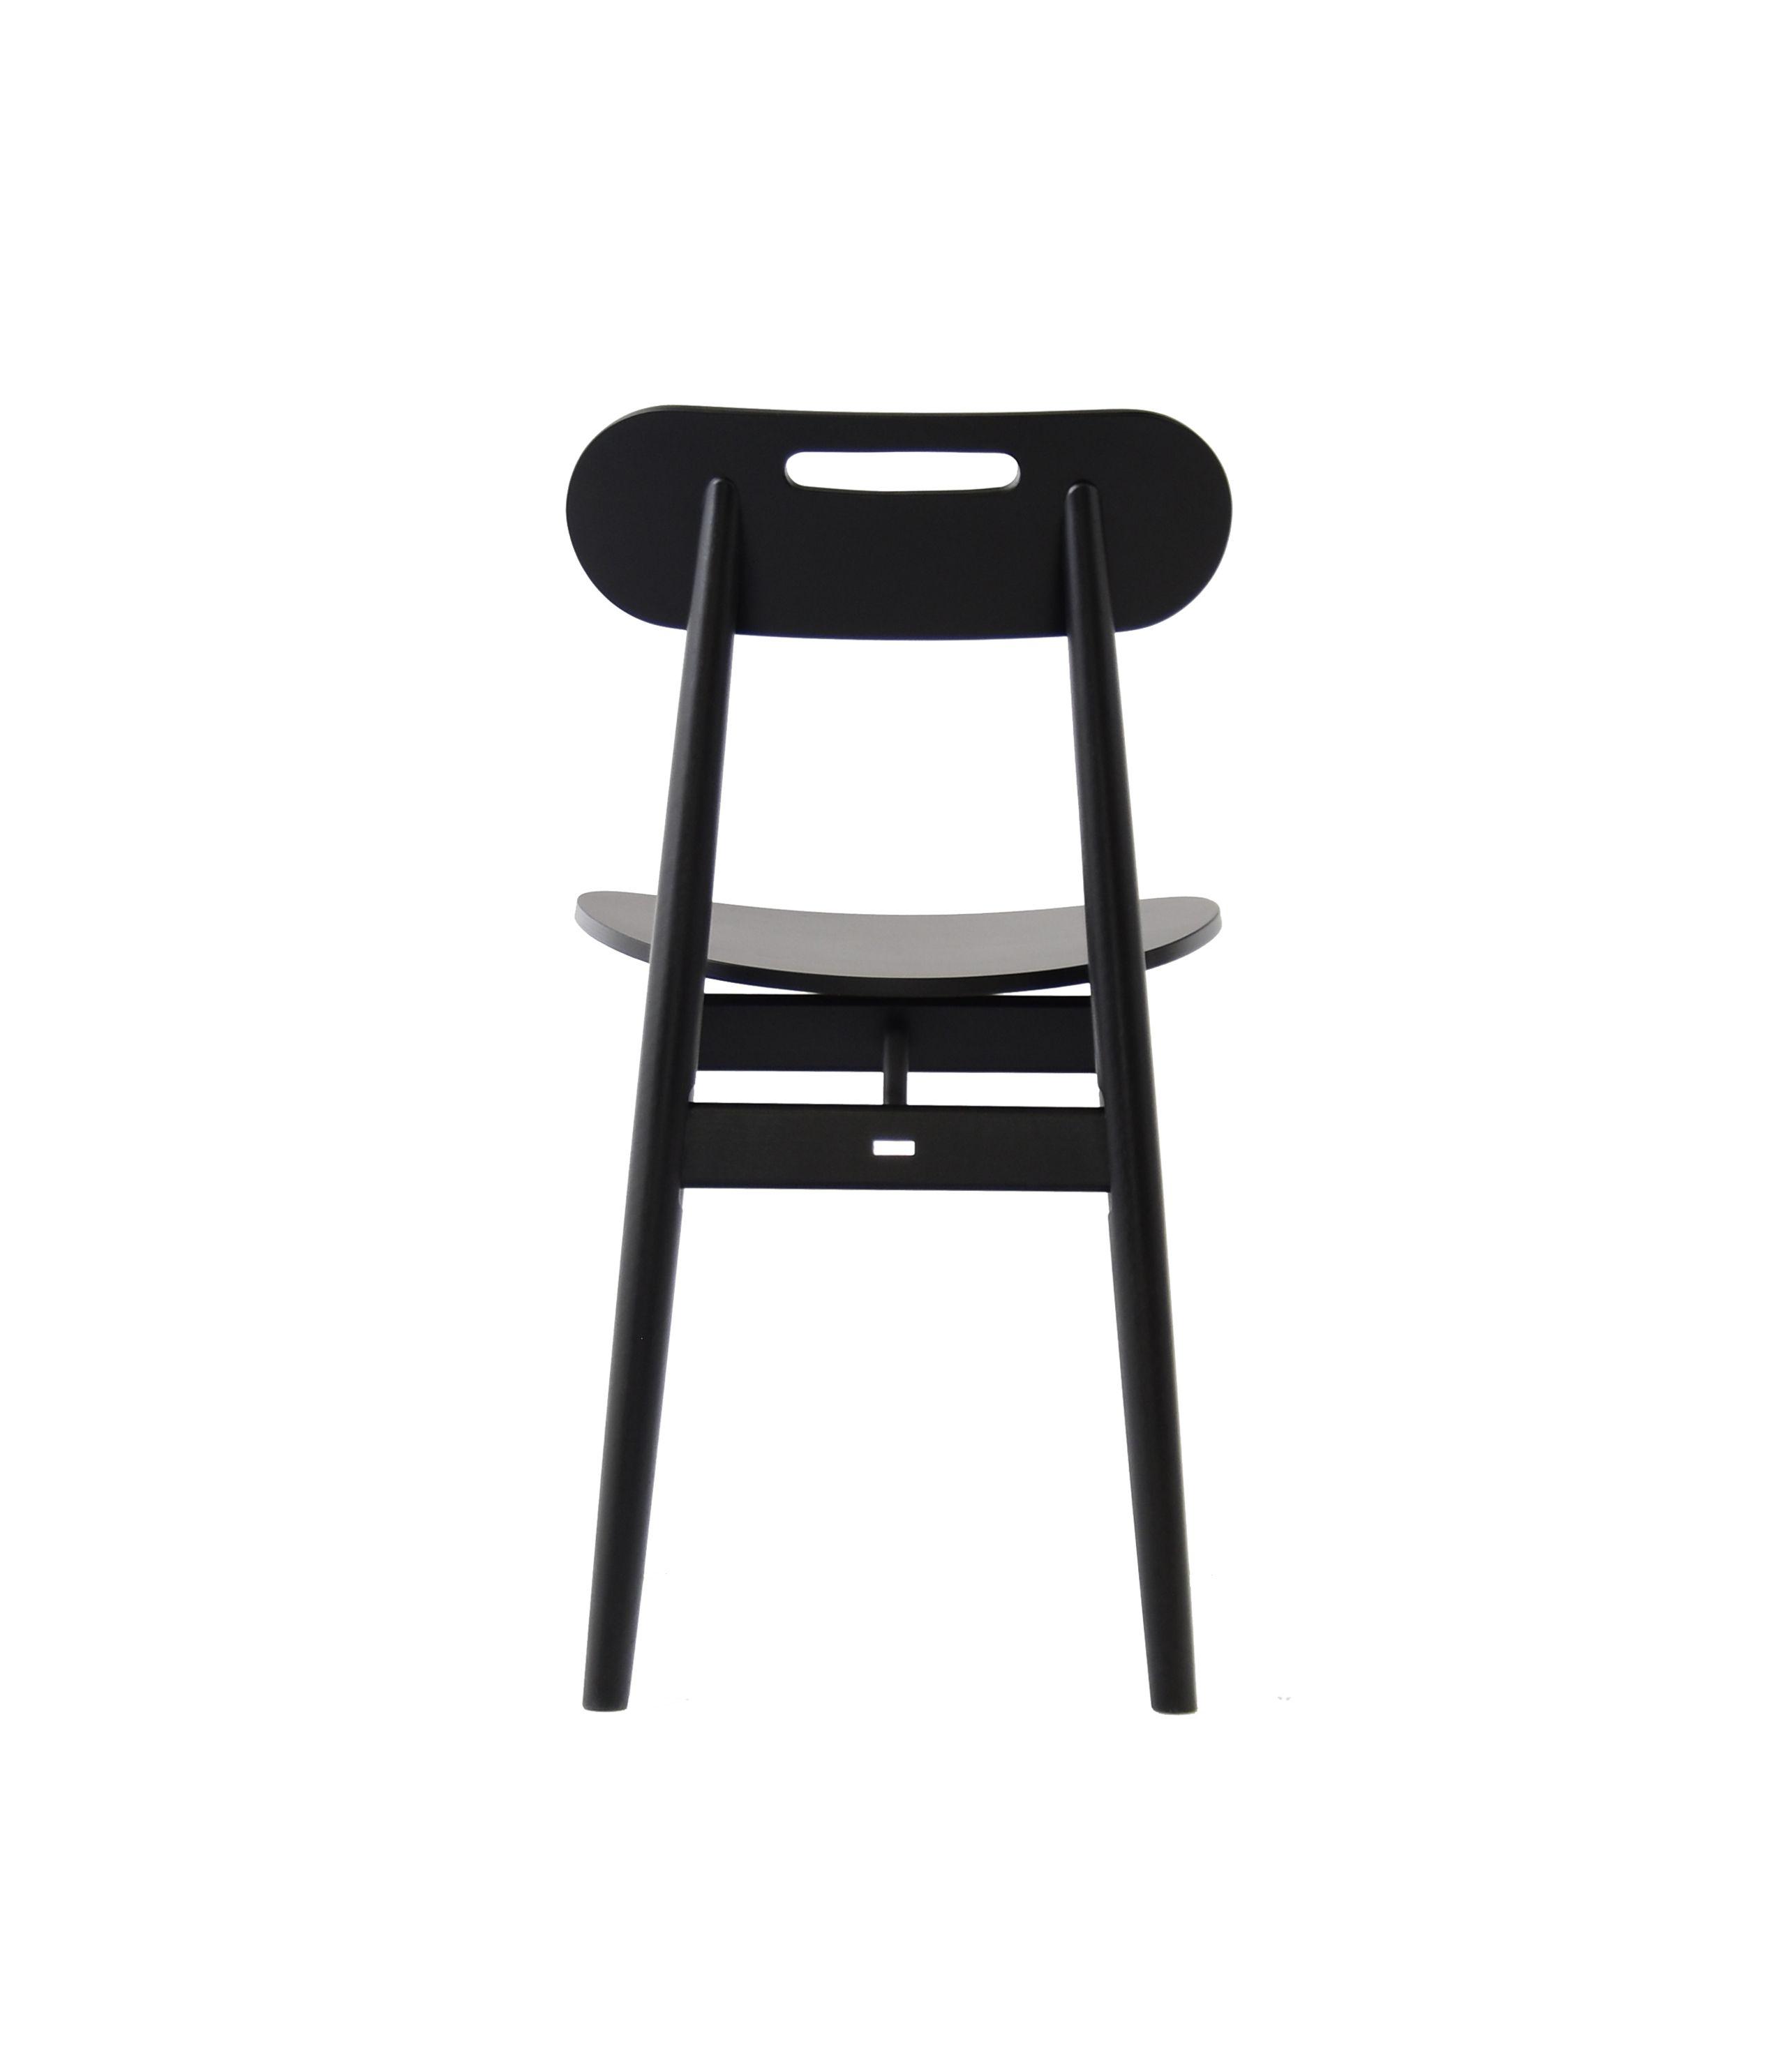 krzesło minimalistyczne retro czarne